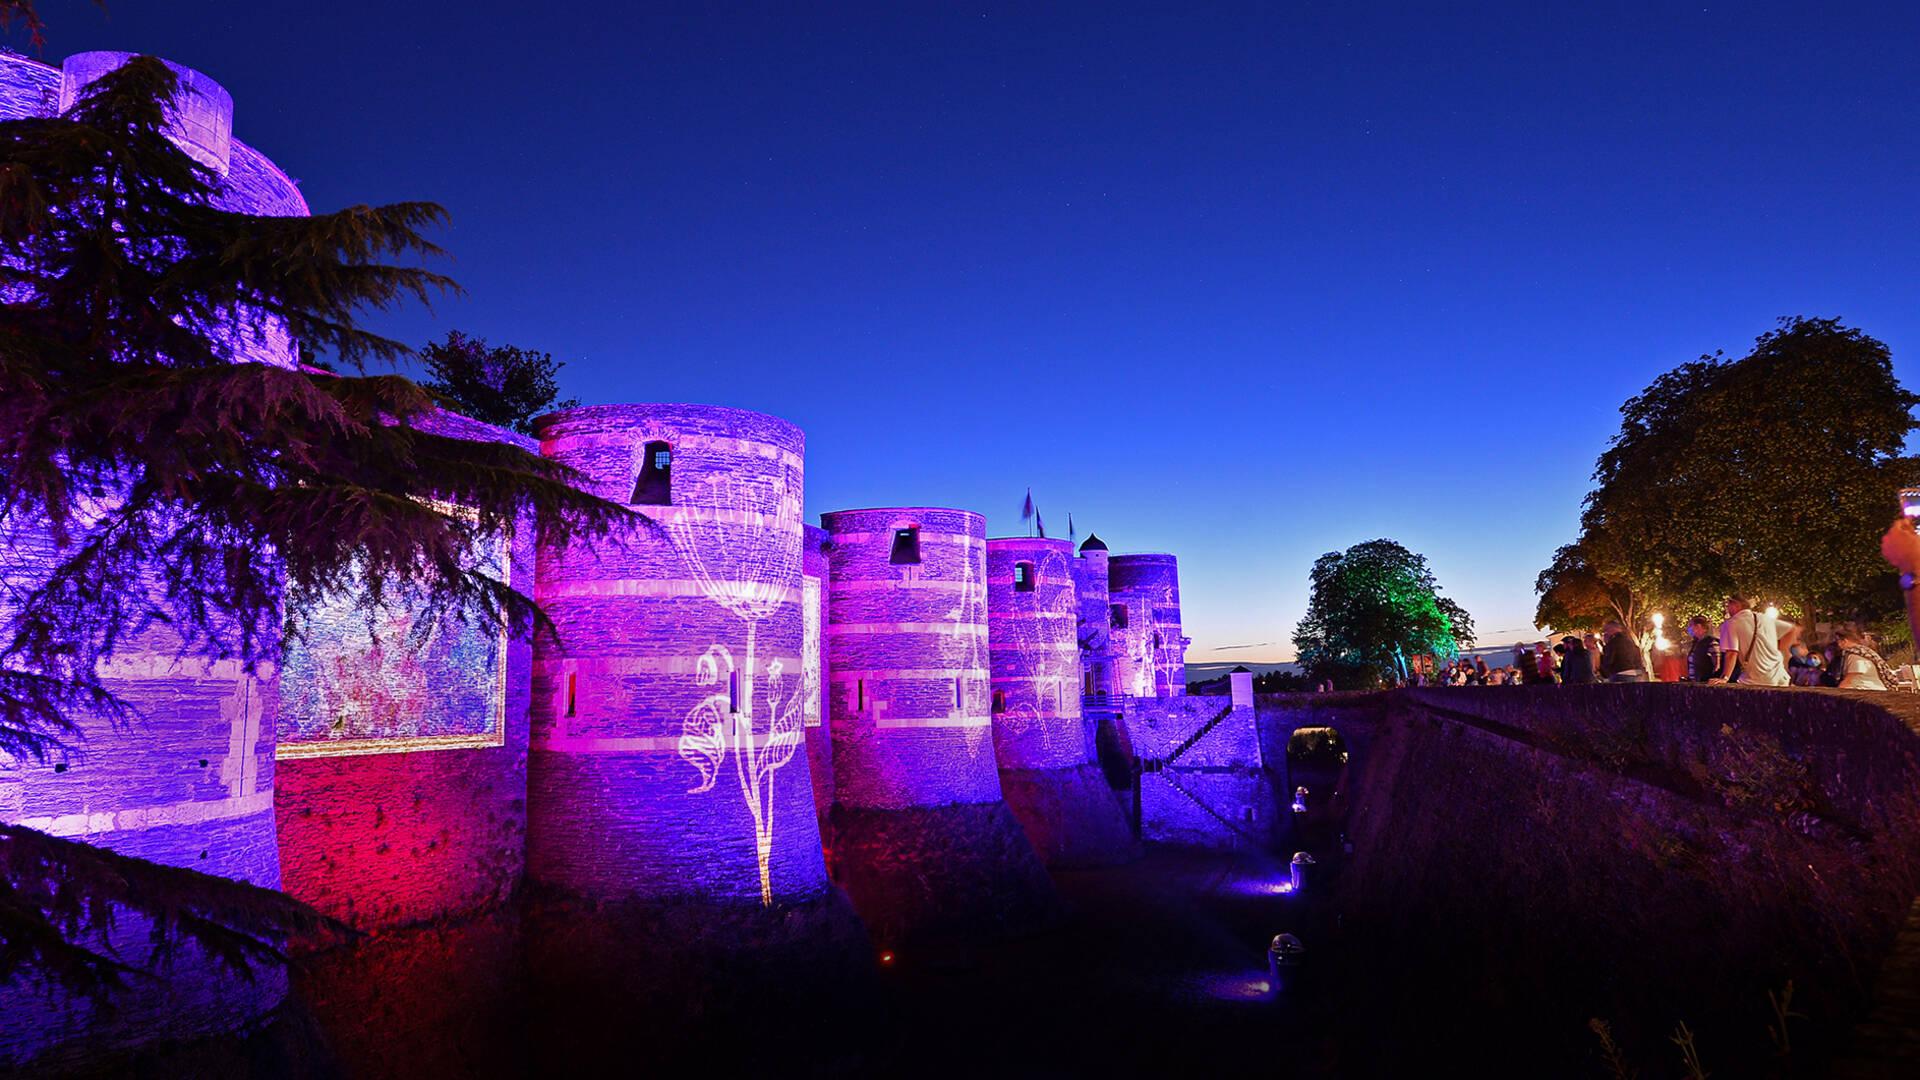 Rêveries végétales, illuminations les soirs d'été sur le Château d'Angers